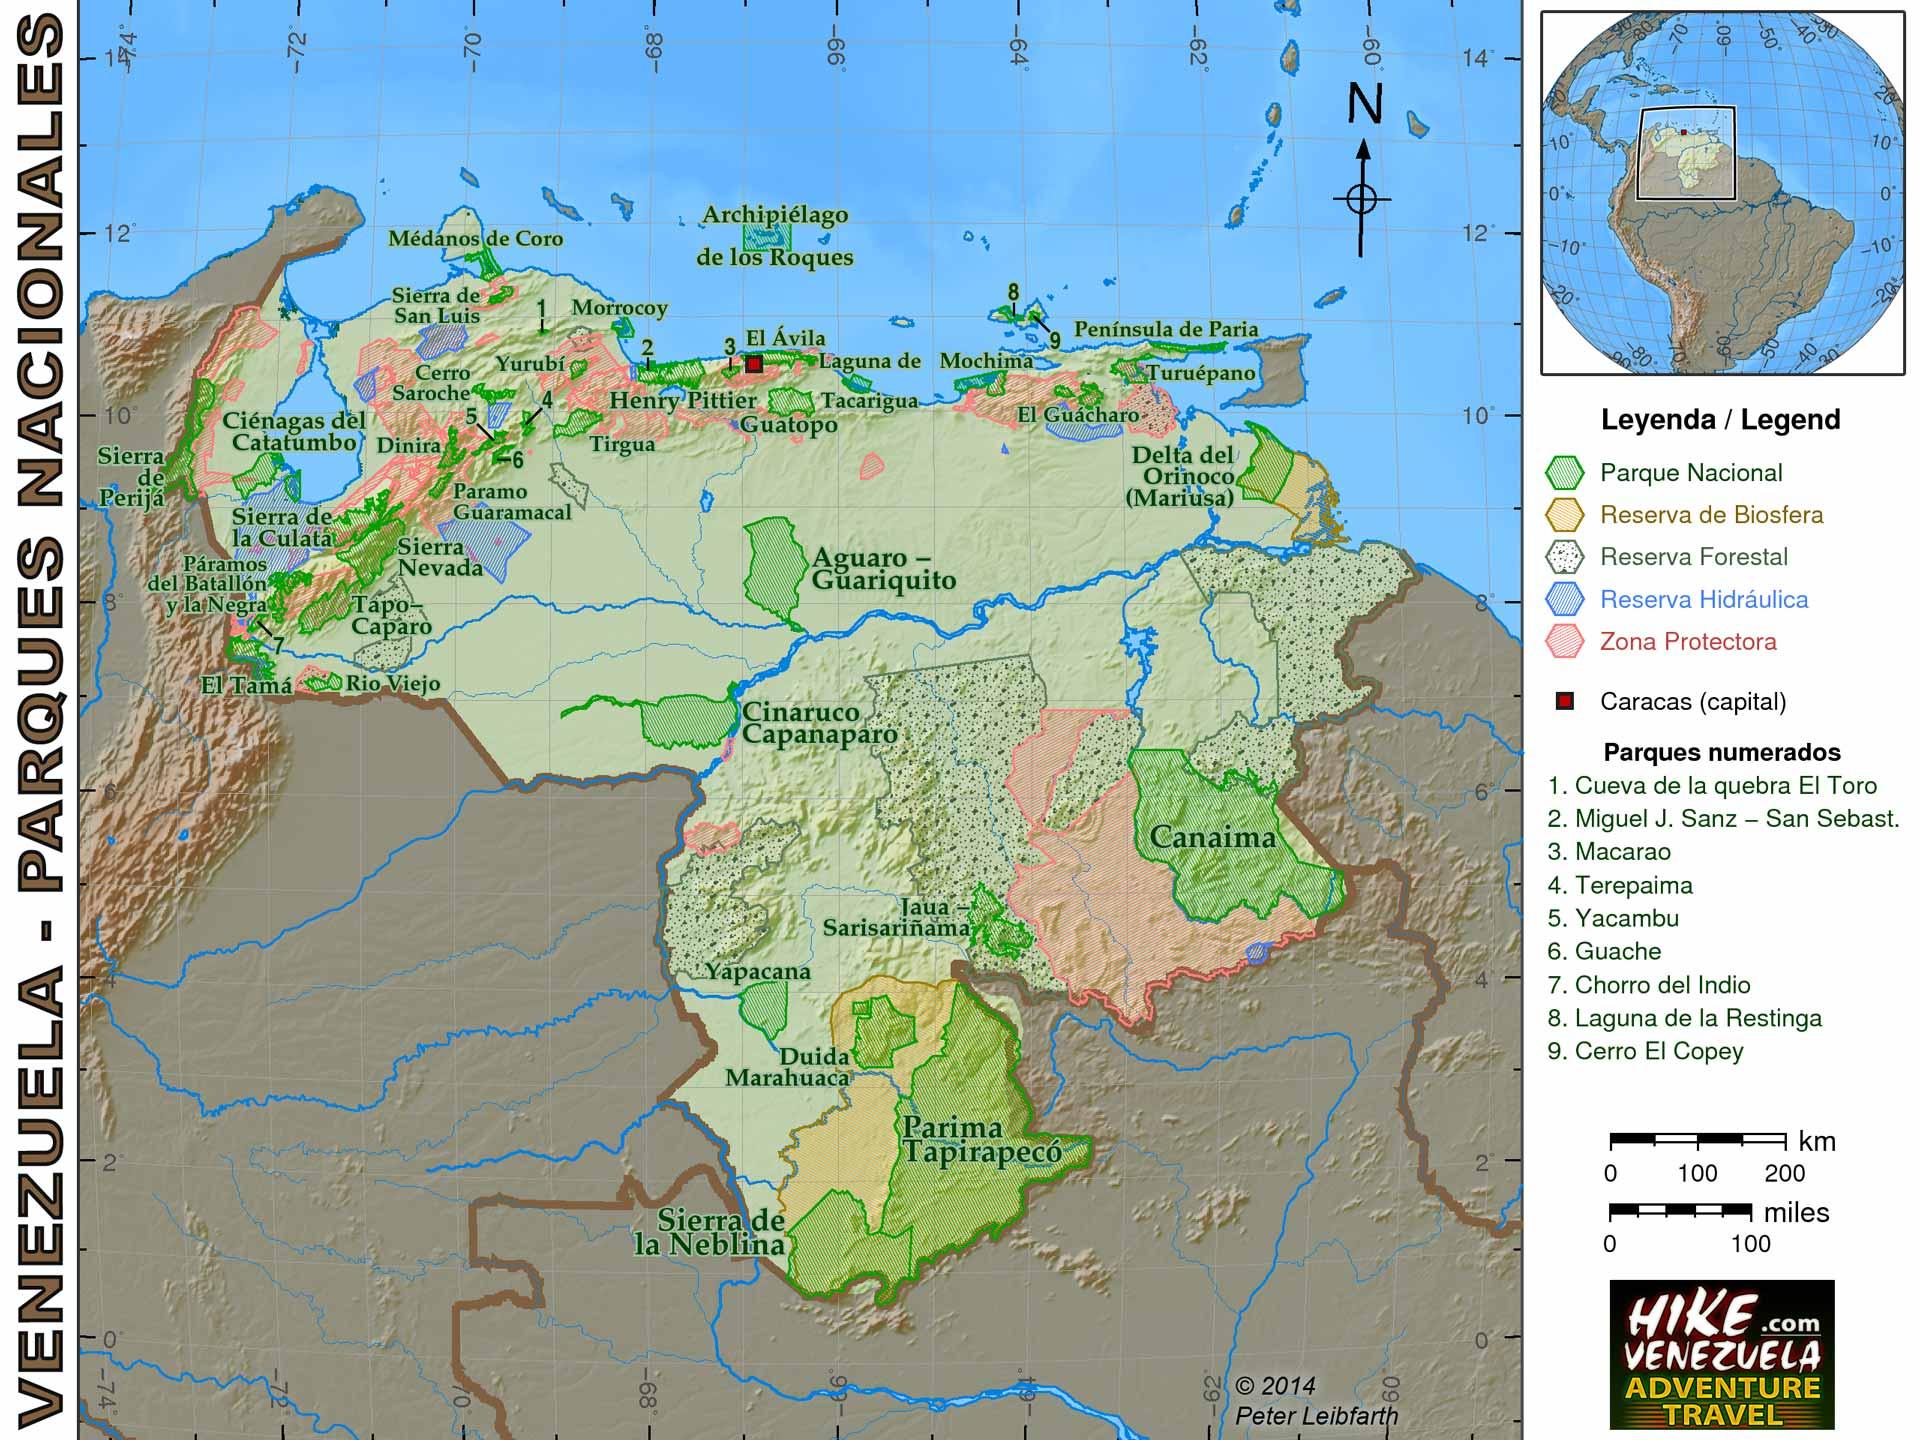 VENEZUELA Y SU DESARROLLO FRONTERIZO Map-venezuela-parks-1920x1440